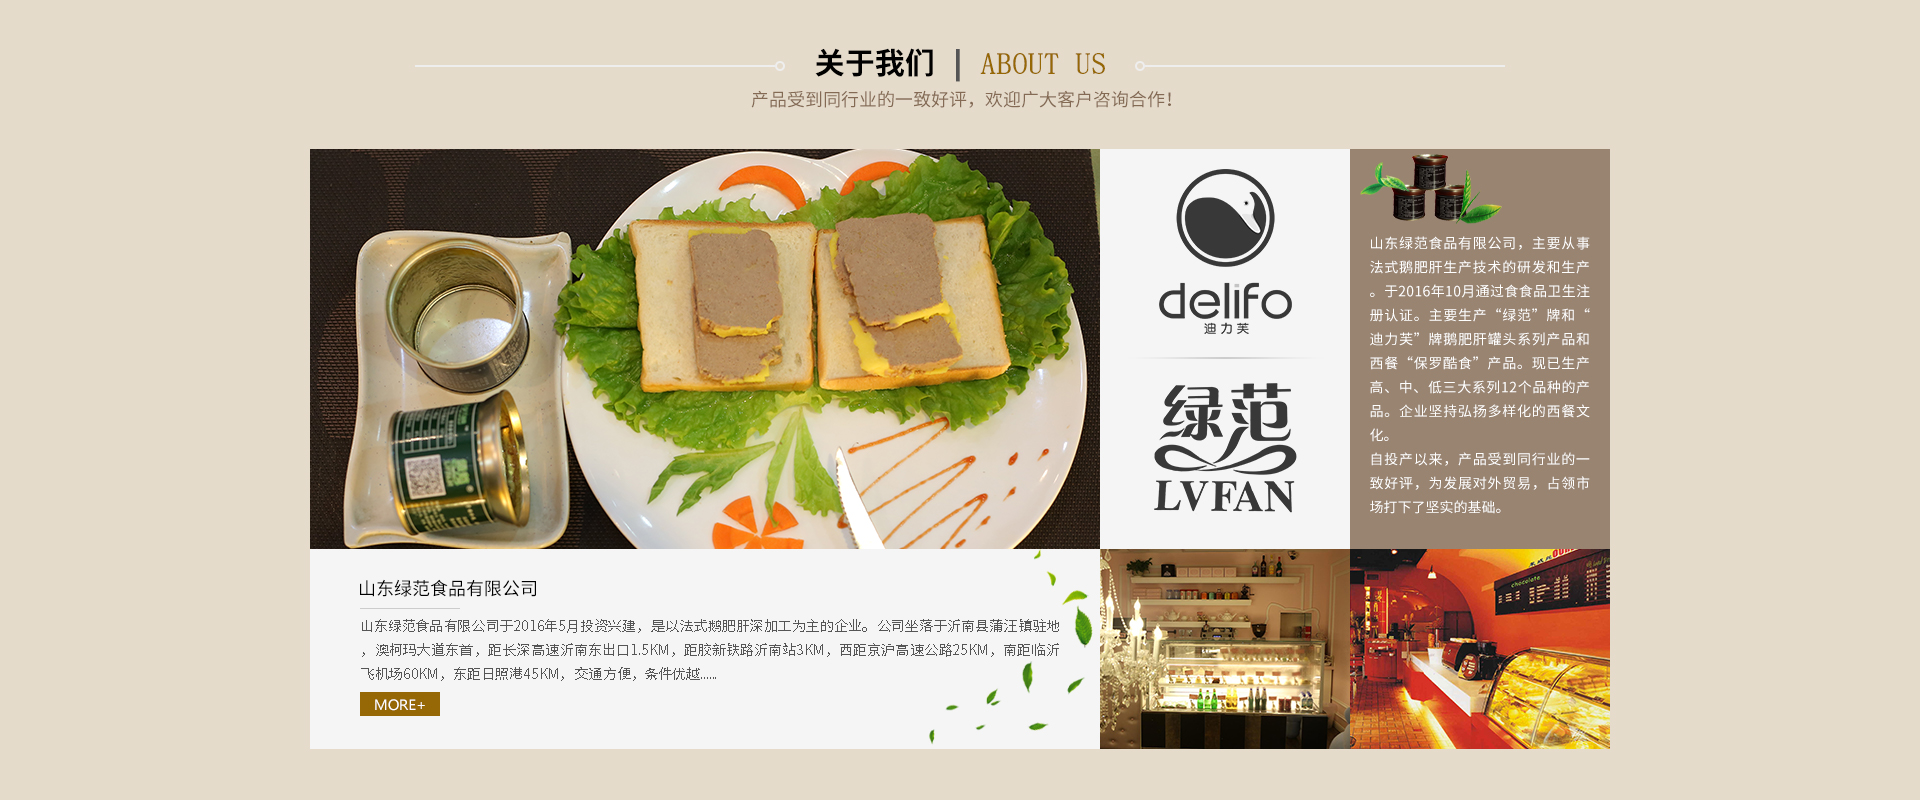 鹅肝酱批发,鹅肥肝酱生产厂家,法国风味鸭肝酱,山东法式鸭肥肝酱